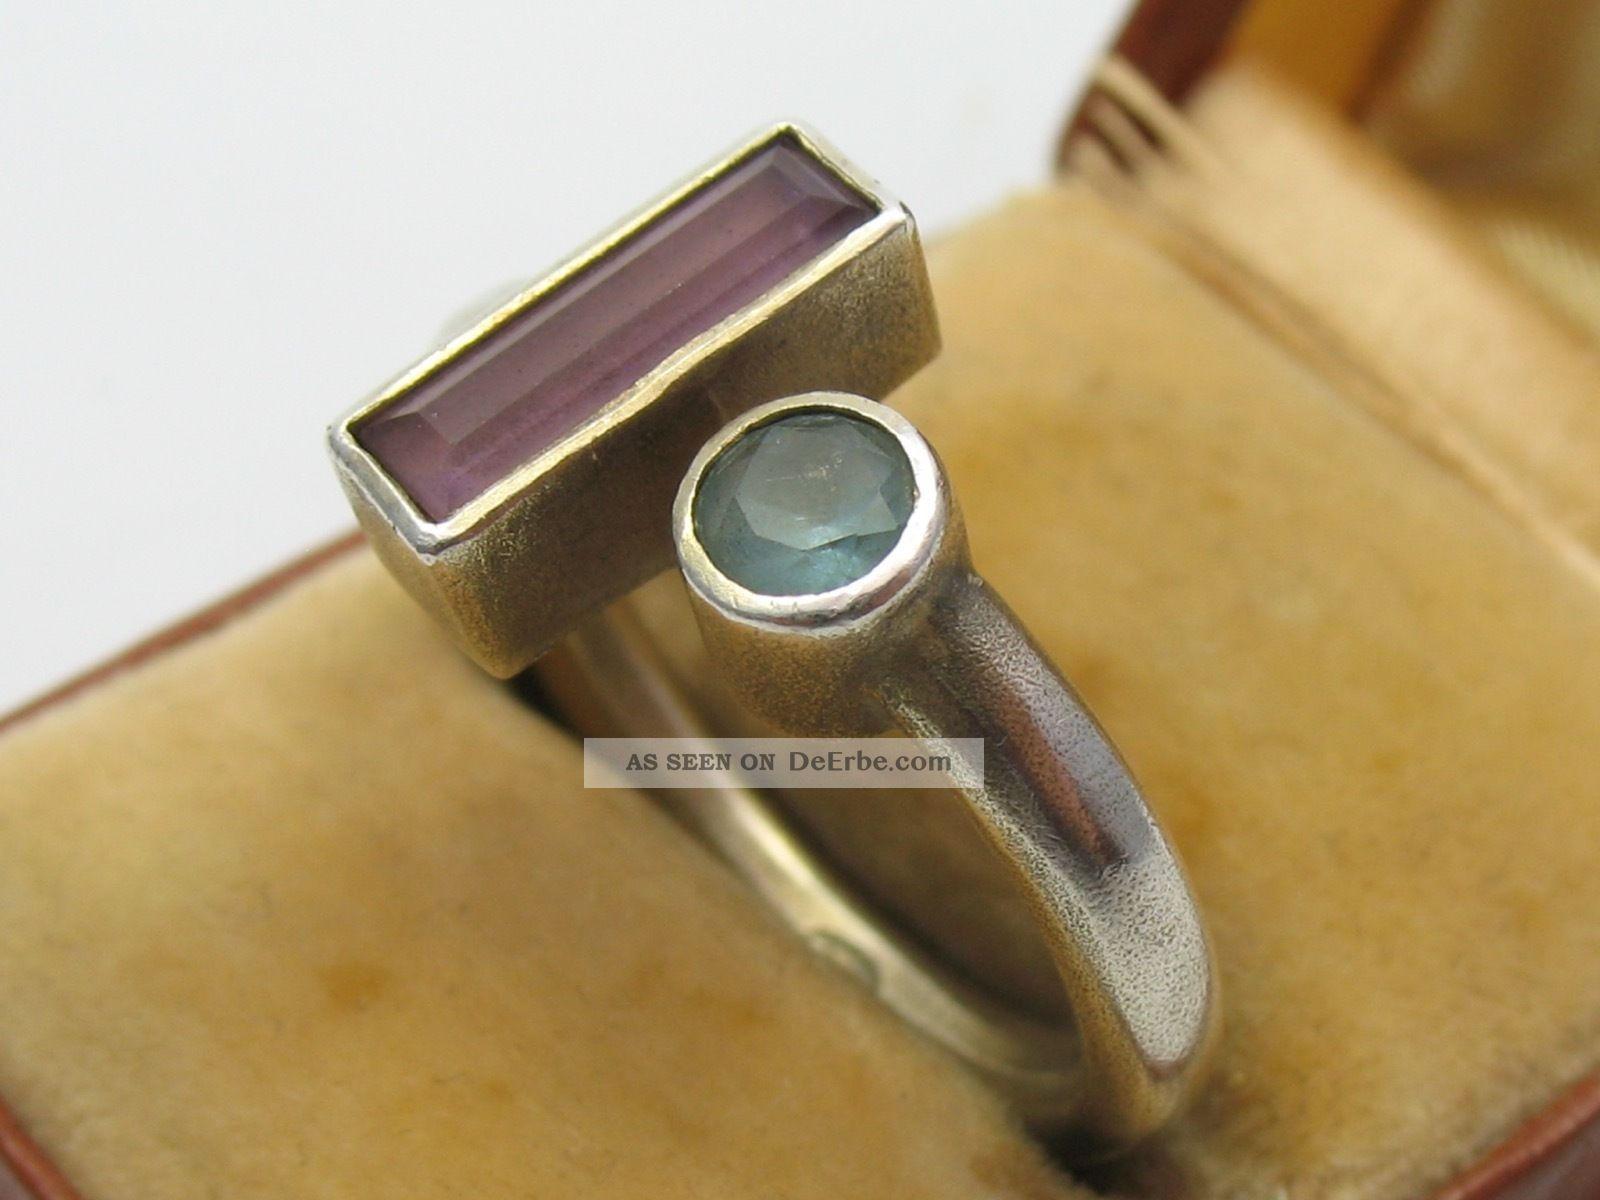 Handarbeit Klasse Designer Ring Aus 925 Silber Mit Verschiedenen Steinen Ringe Bild